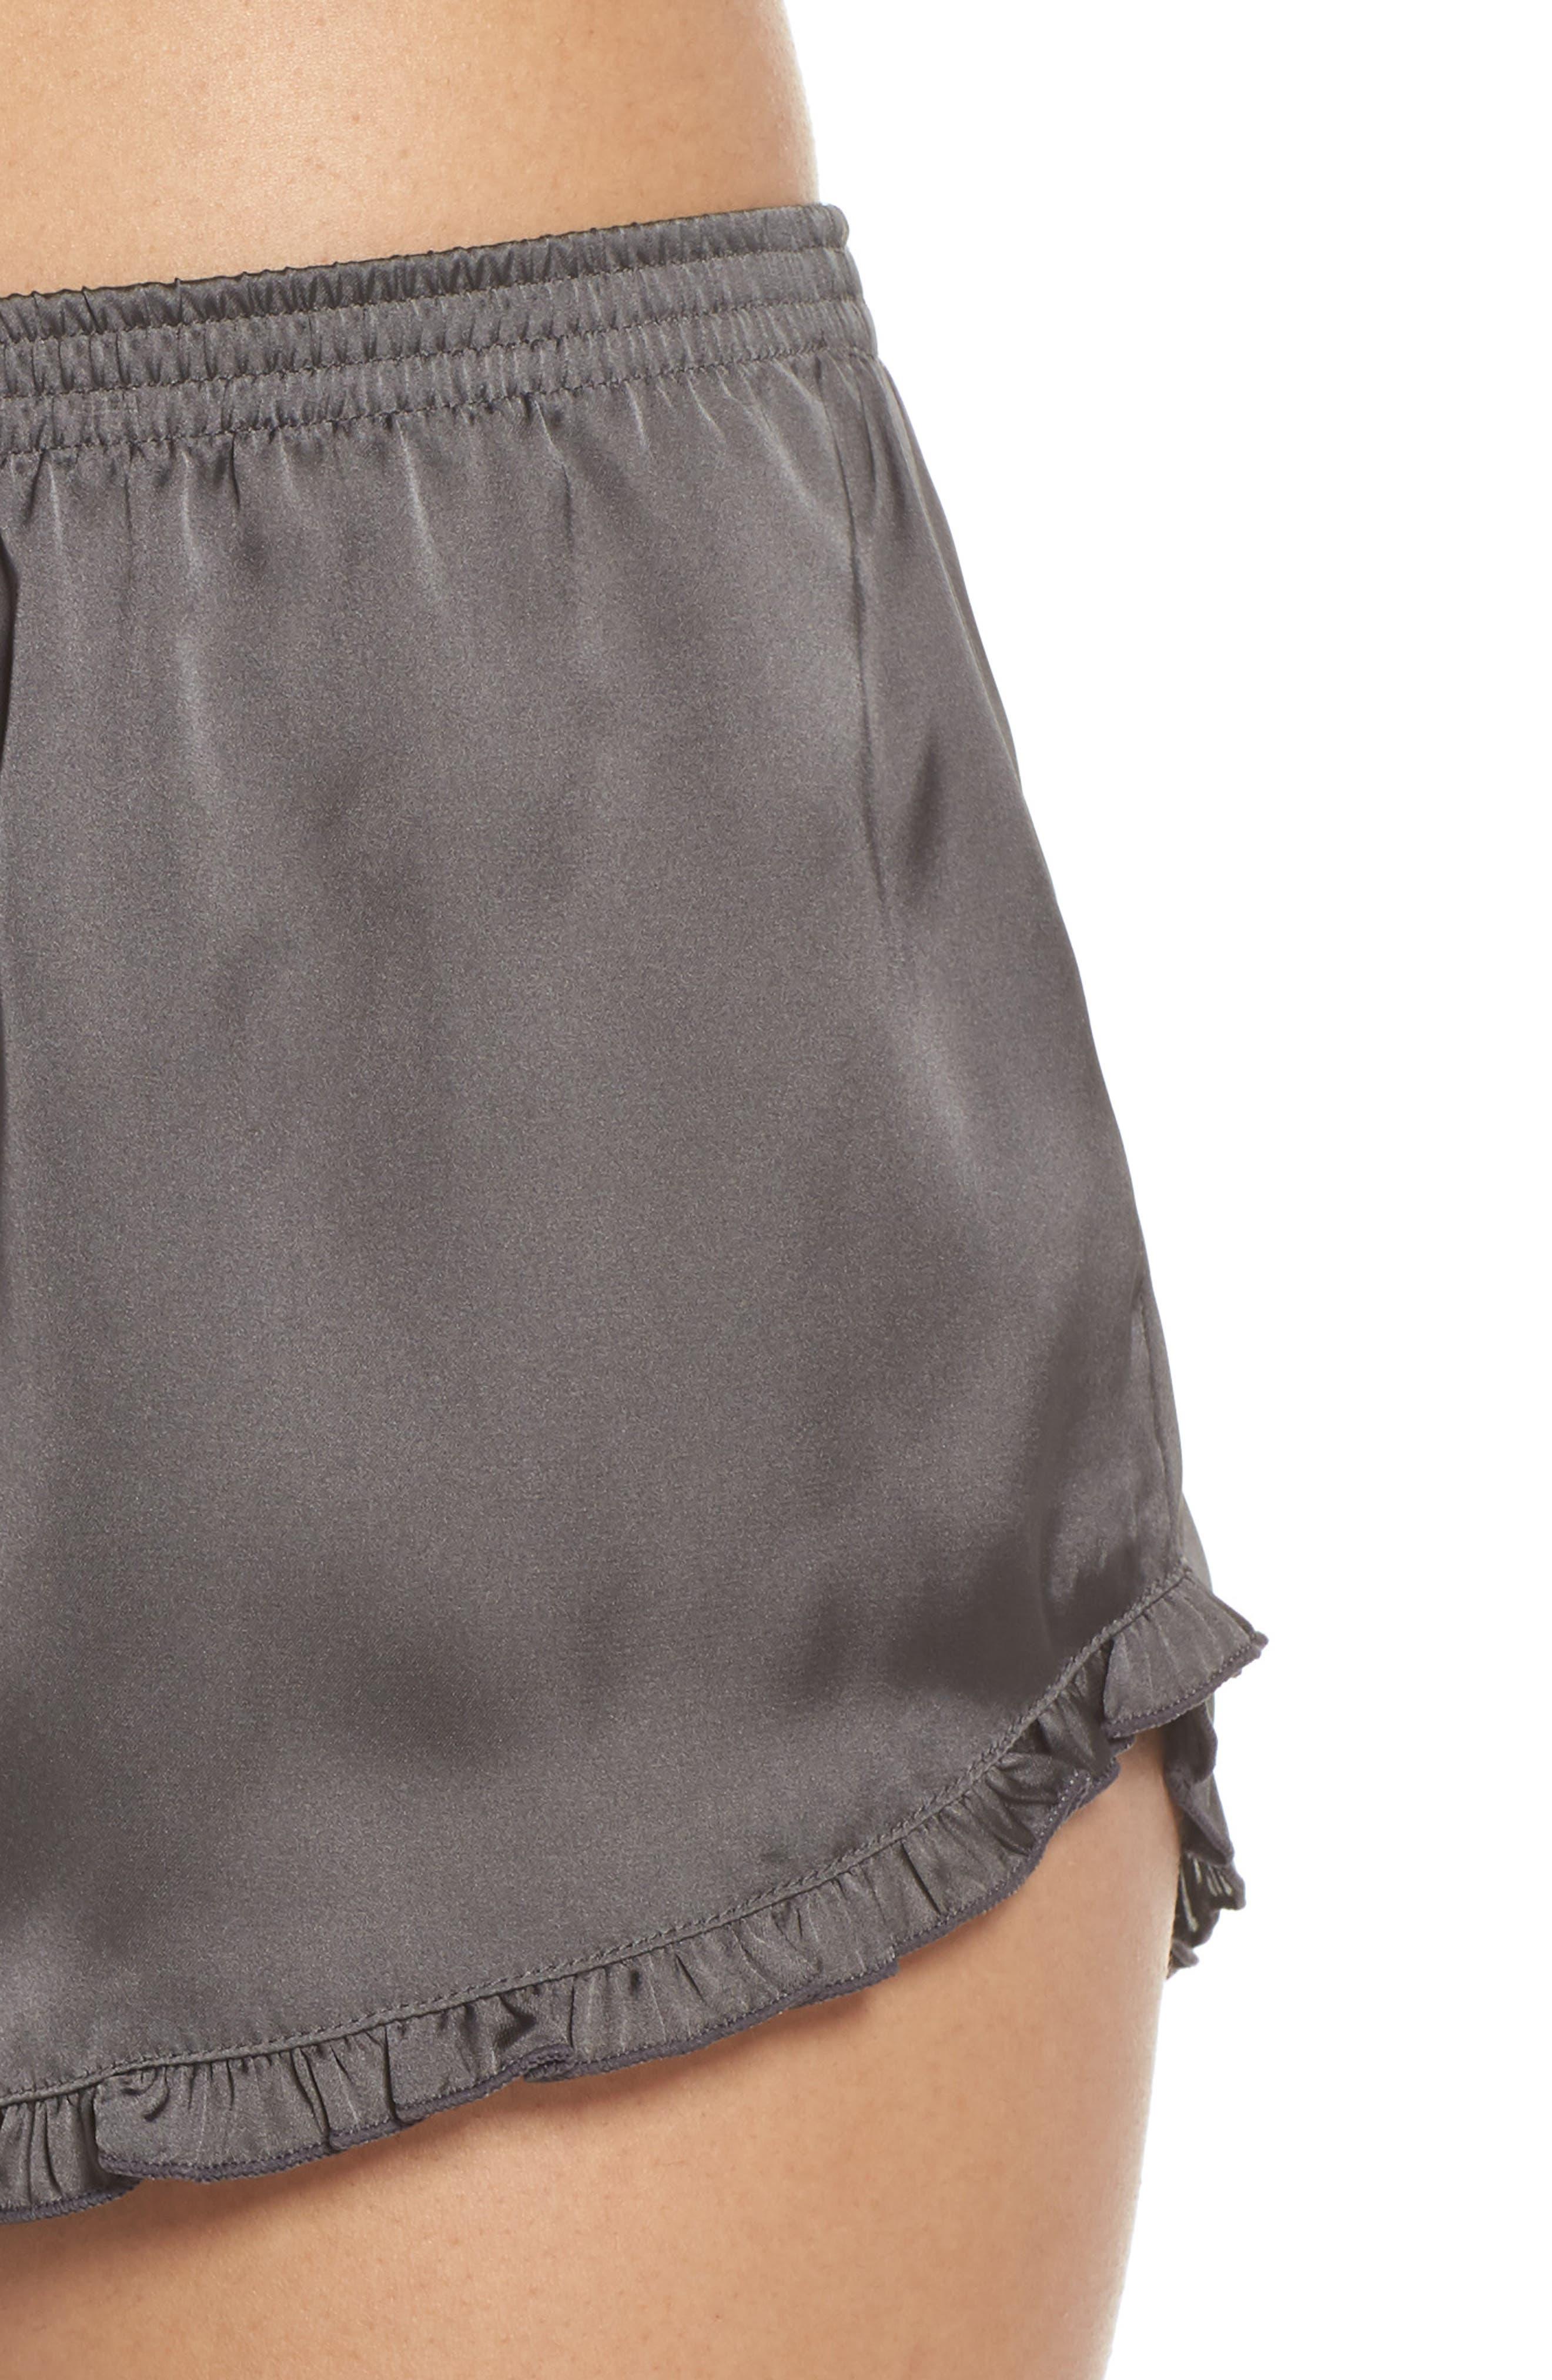 Satin Lounge Shorts,                             Alternate thumbnail 4, color,                             022